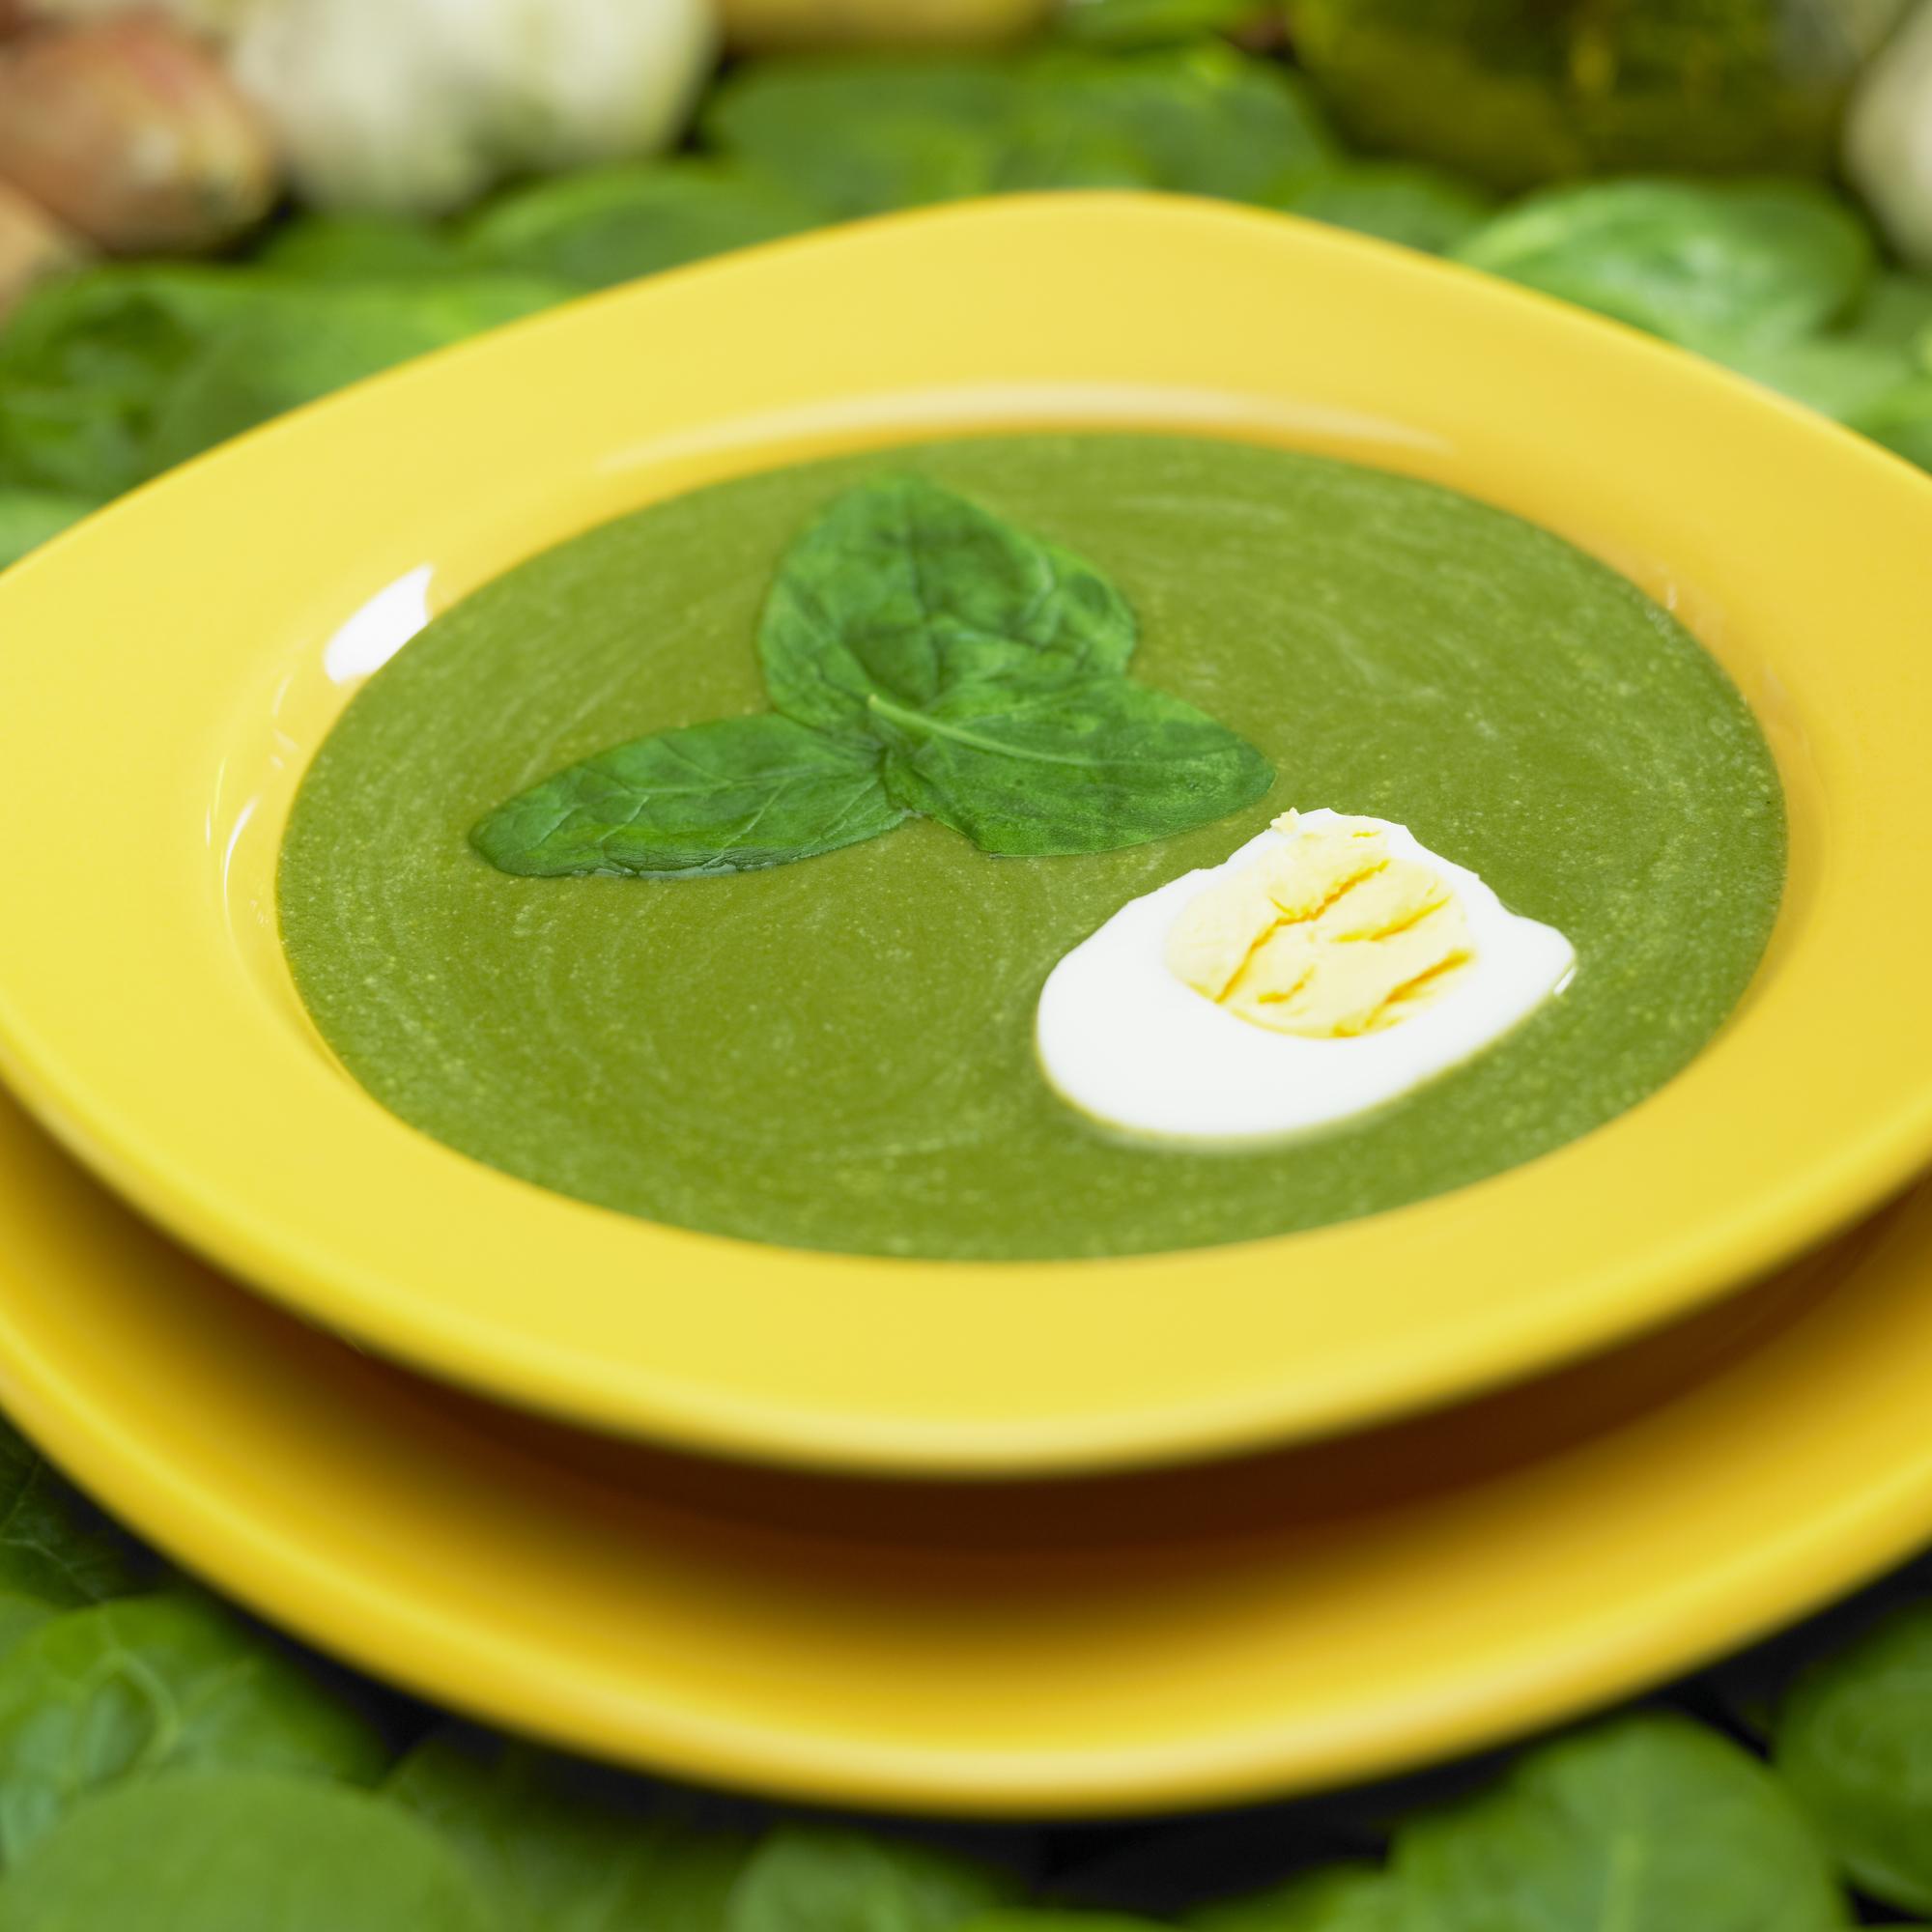 Špenátová polévka se smetanou a vejcem recept